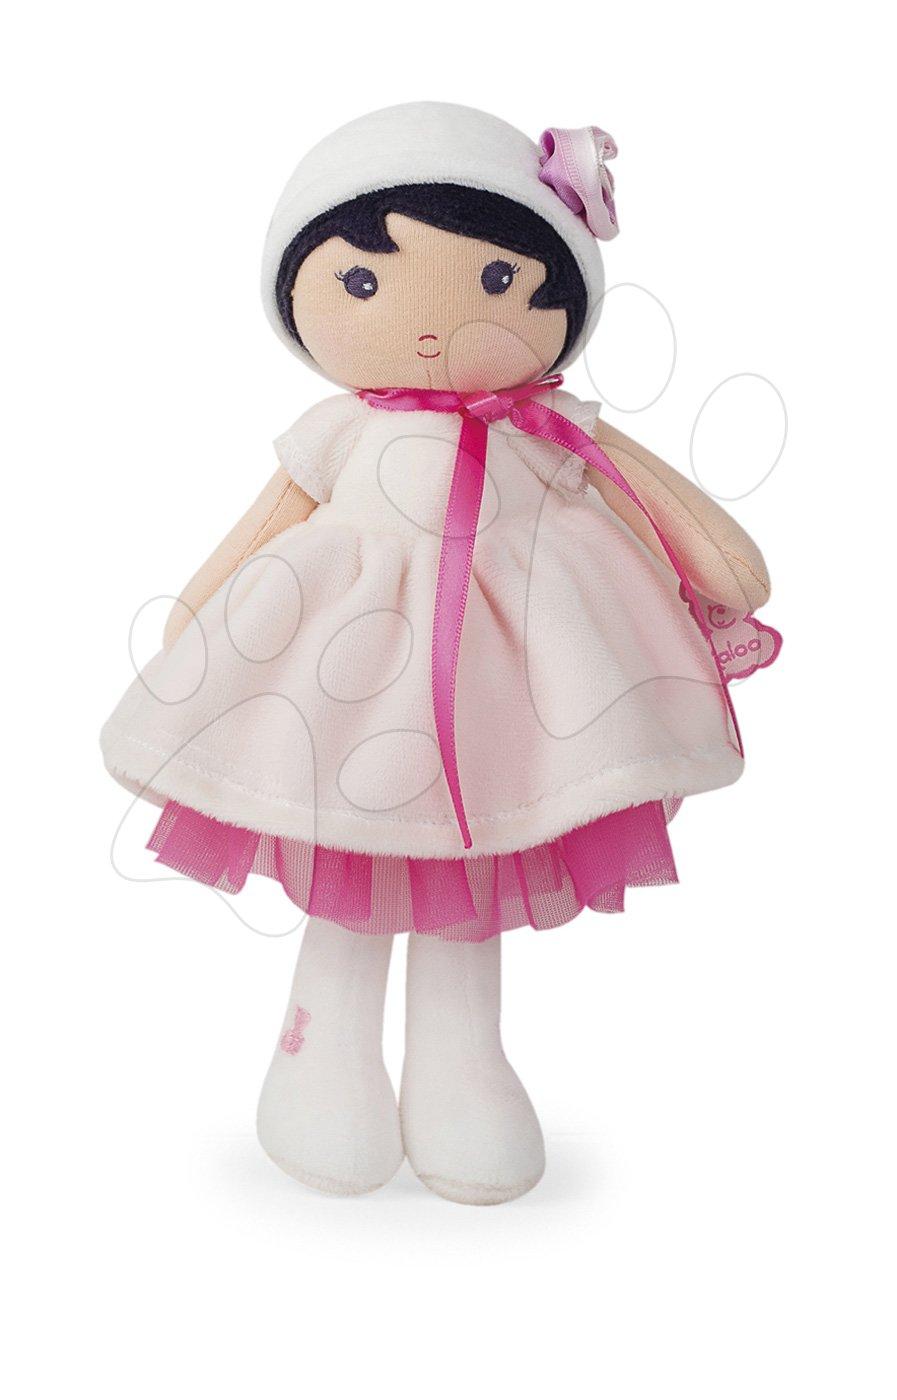 Bábika pre bábätká Perle K Tendresse Kaloo v bielych šatách z jemného textilu v darčekovom balení 25 cm